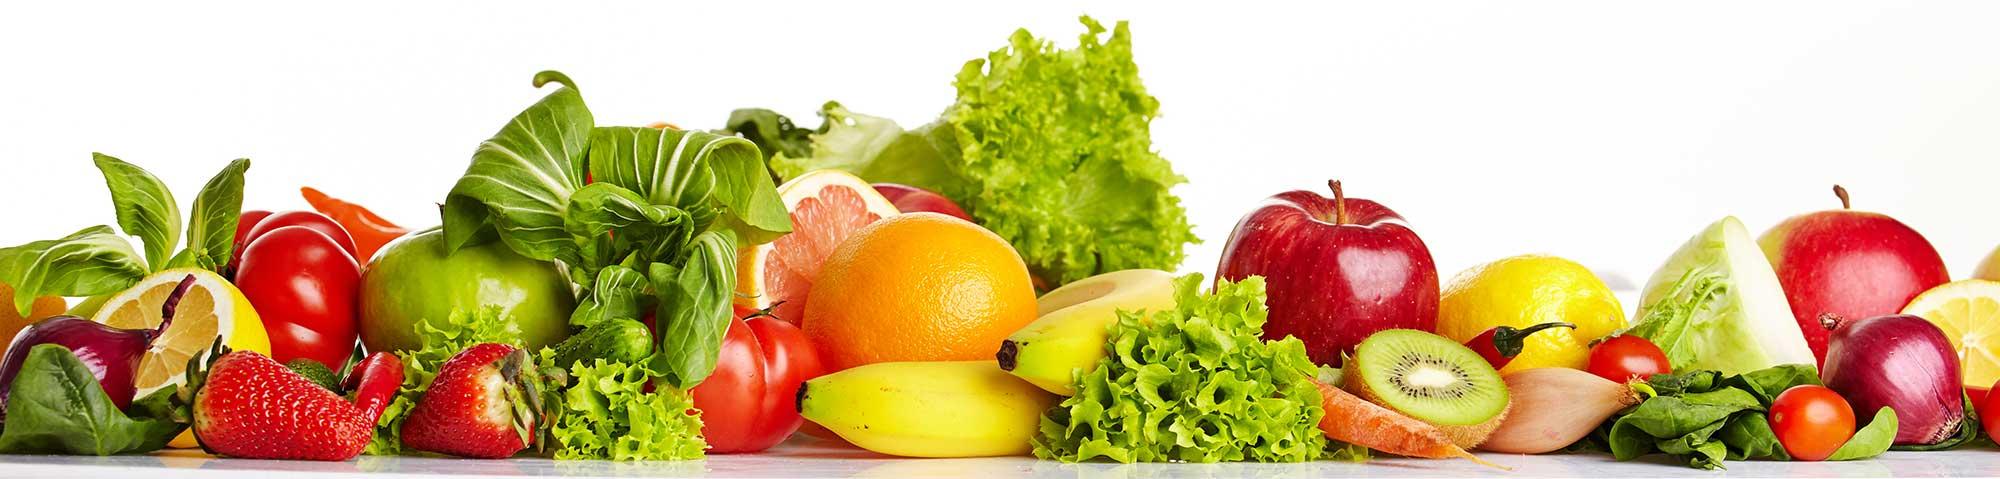 fruitvegwide2000px